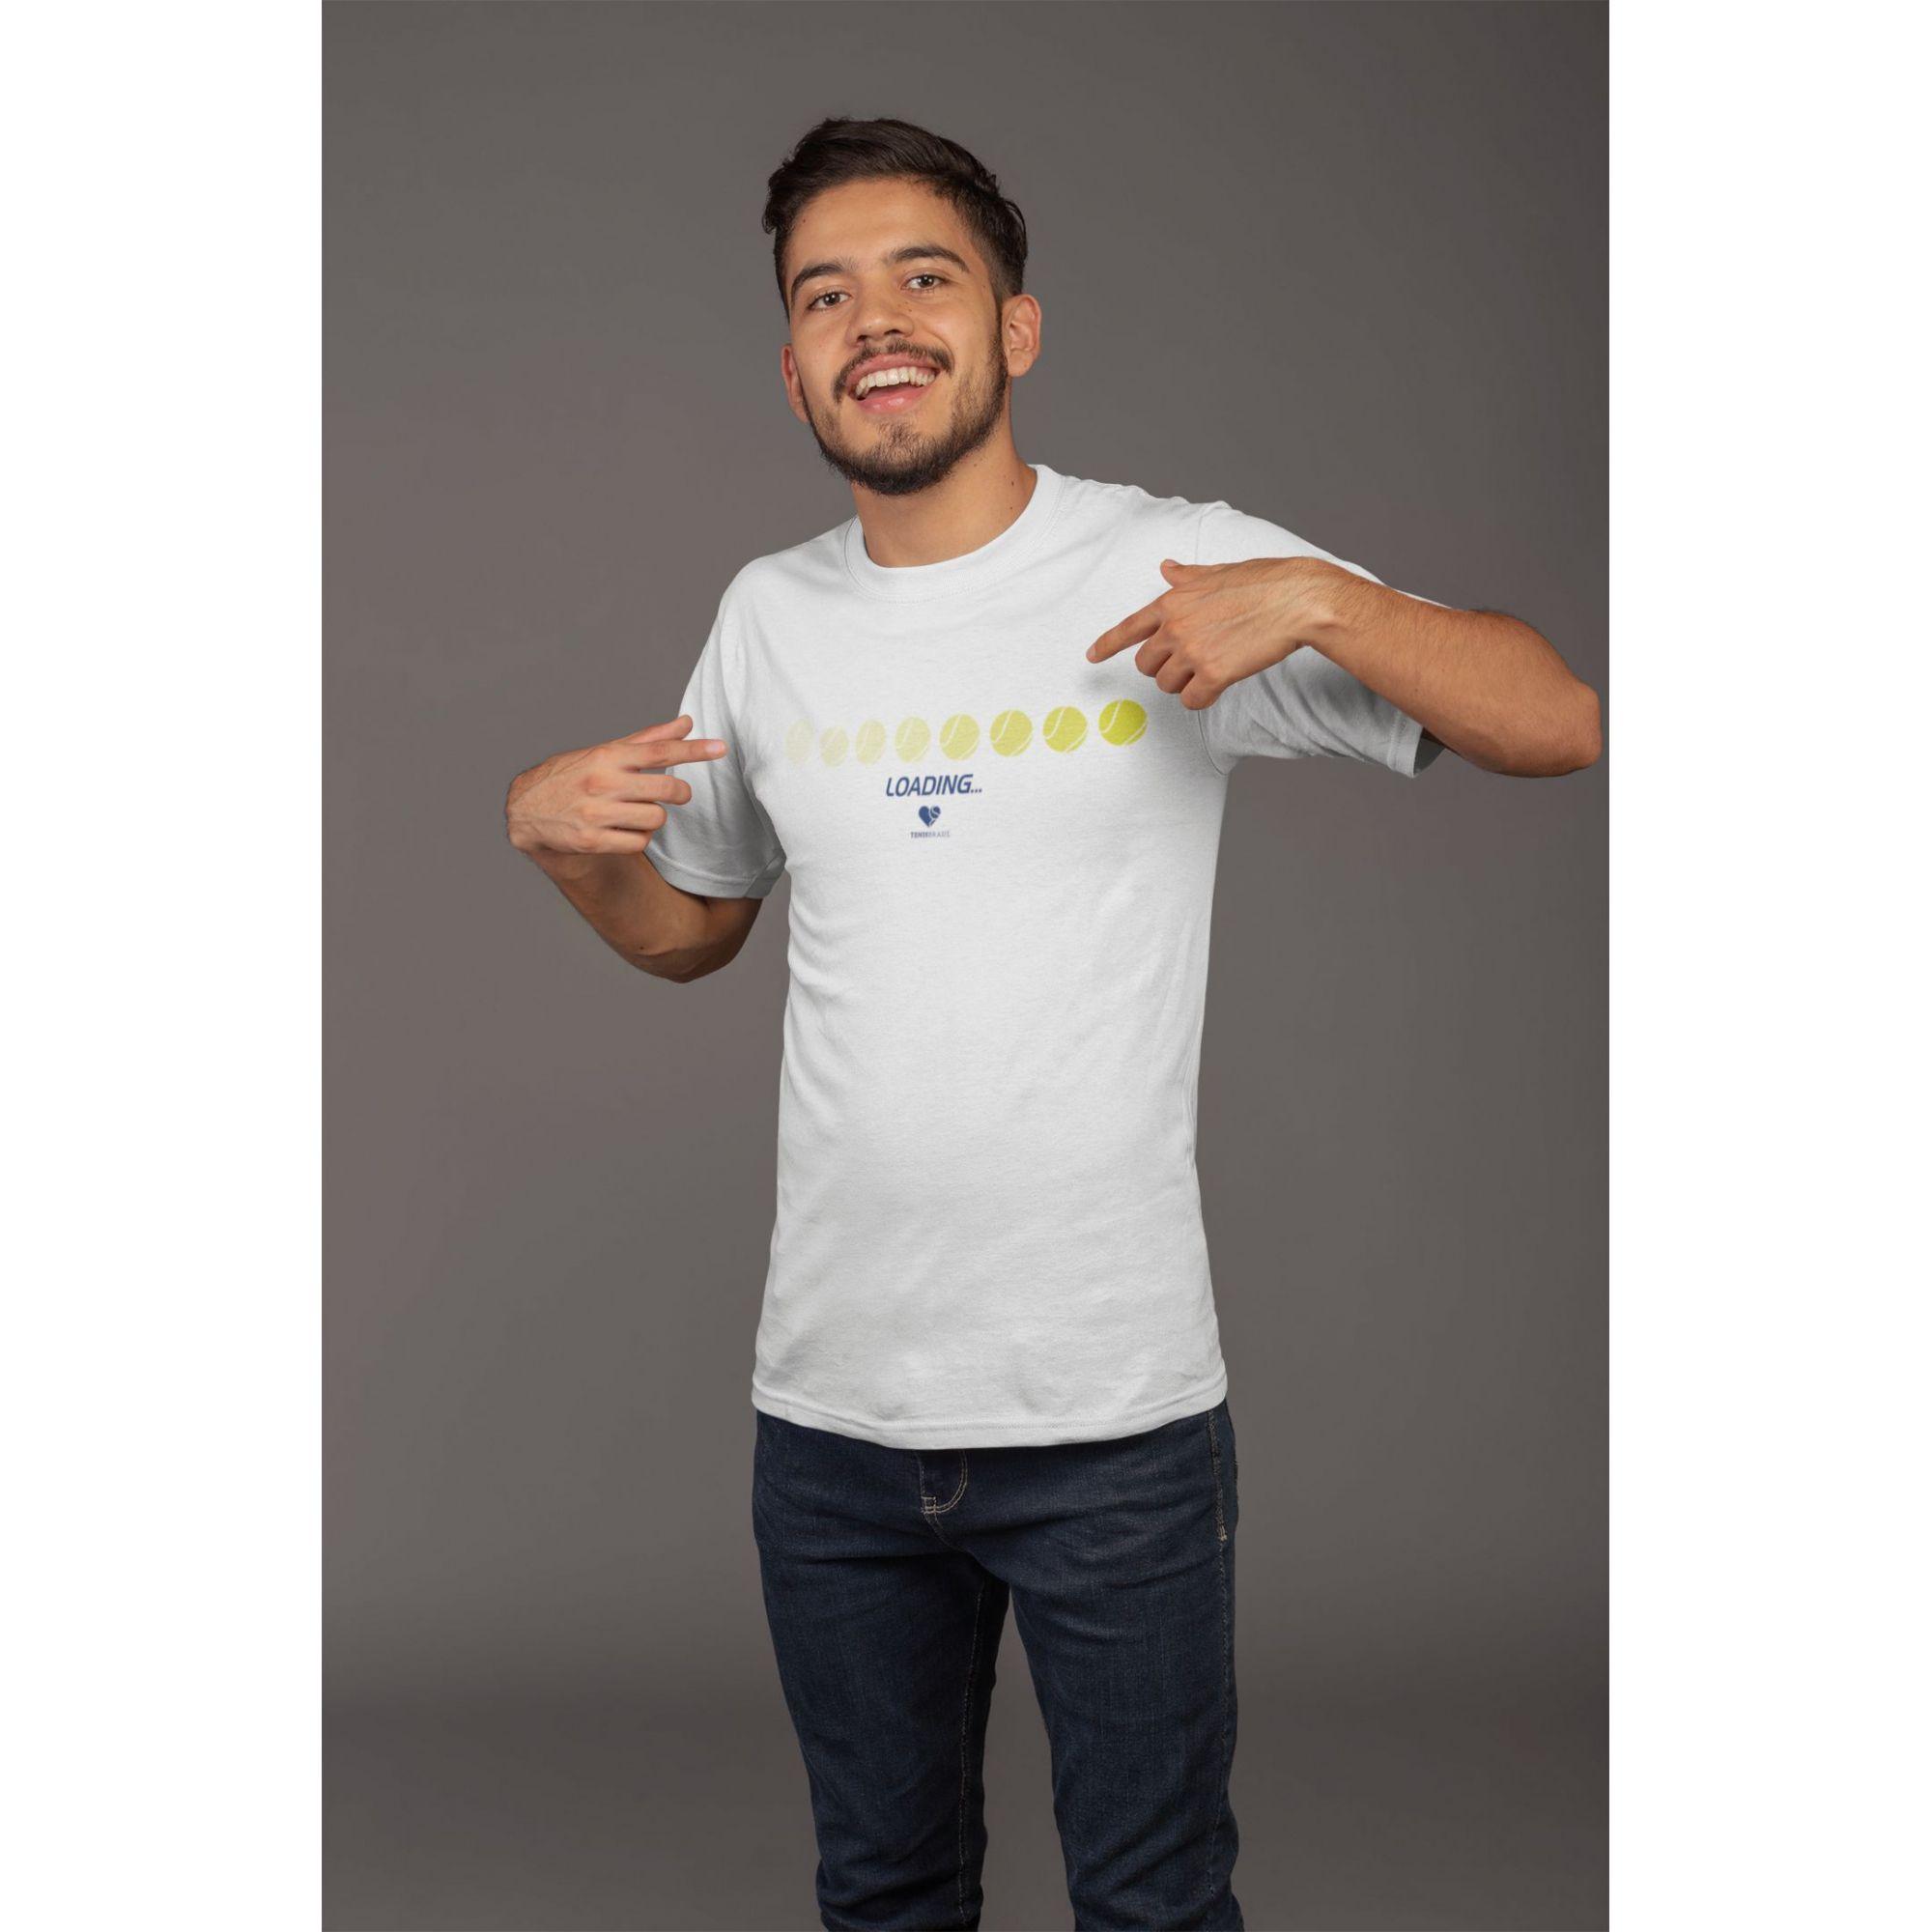 Camiseta LOADING - HORIZONTAL  >> Coleção 2019 >> MASCULINA